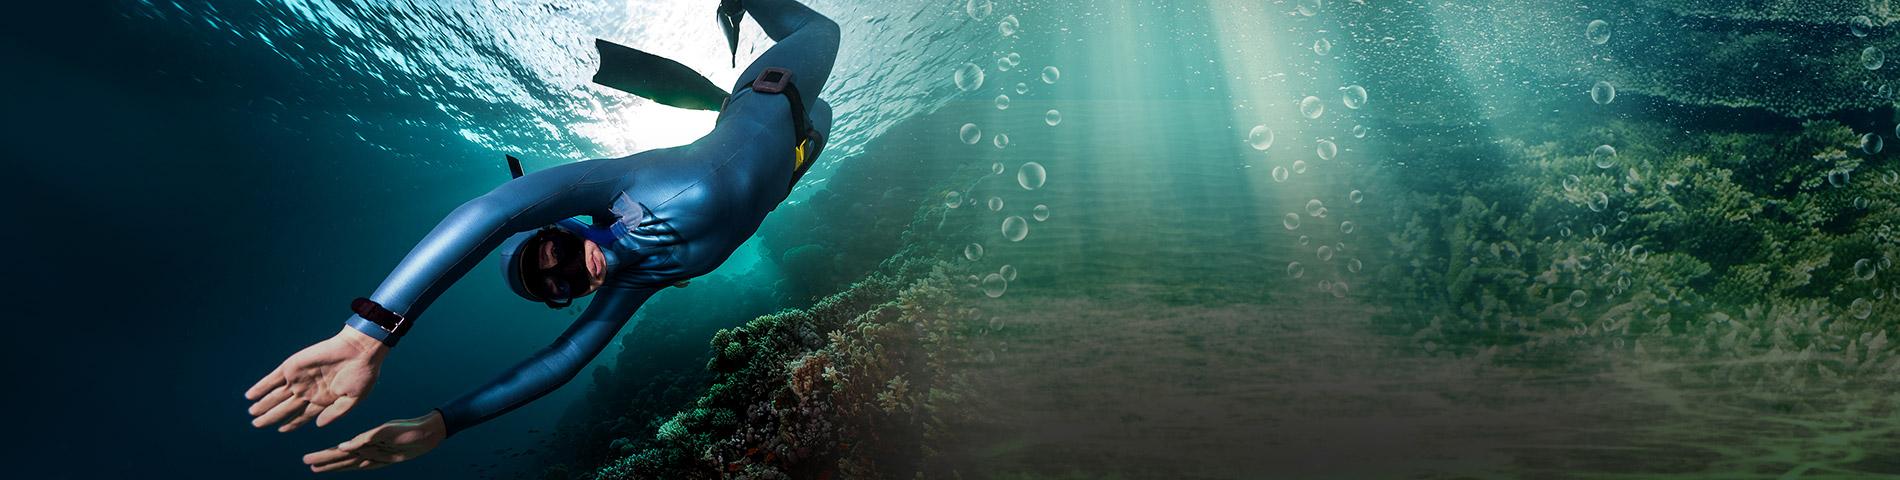 潜水衣料‧工业缓冲材 发泡材料 橡胶海绵‧闭孔式发泡海绵